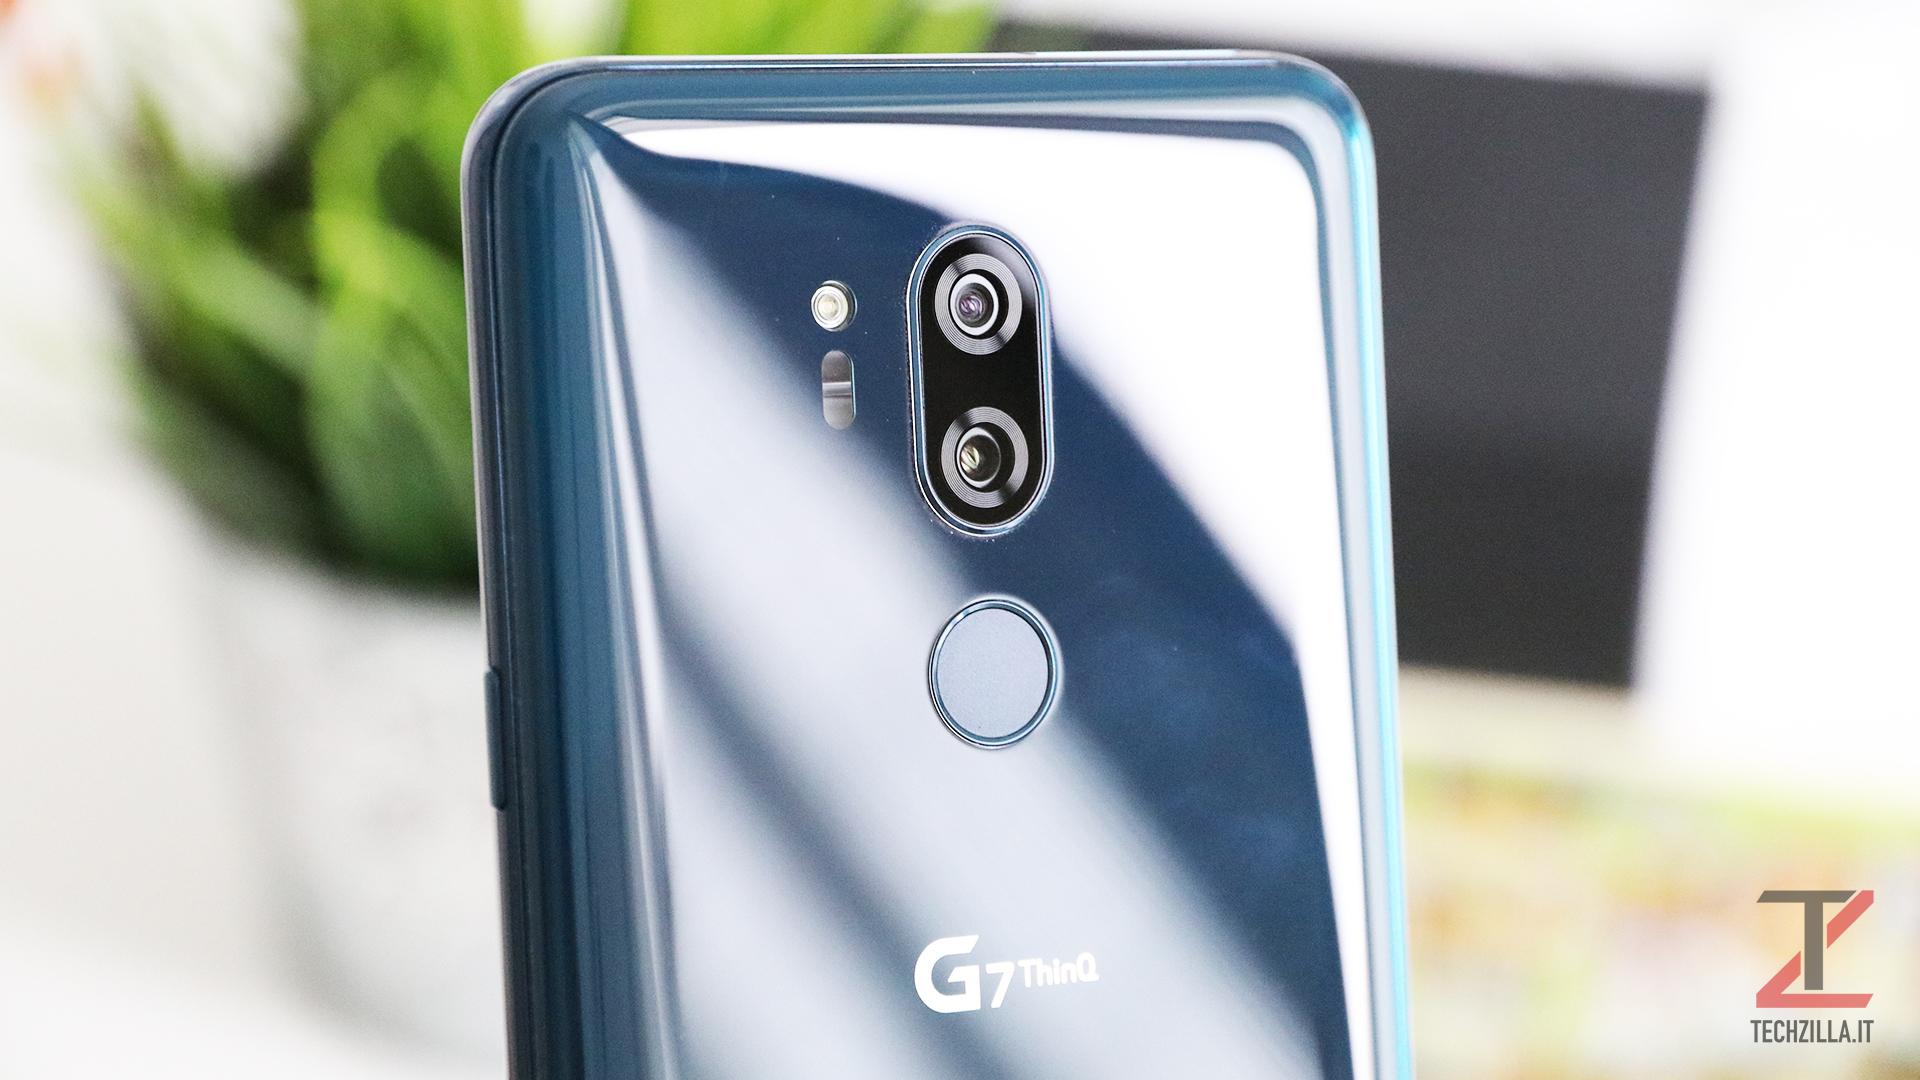 LG G7 ThinQ Fotocamera